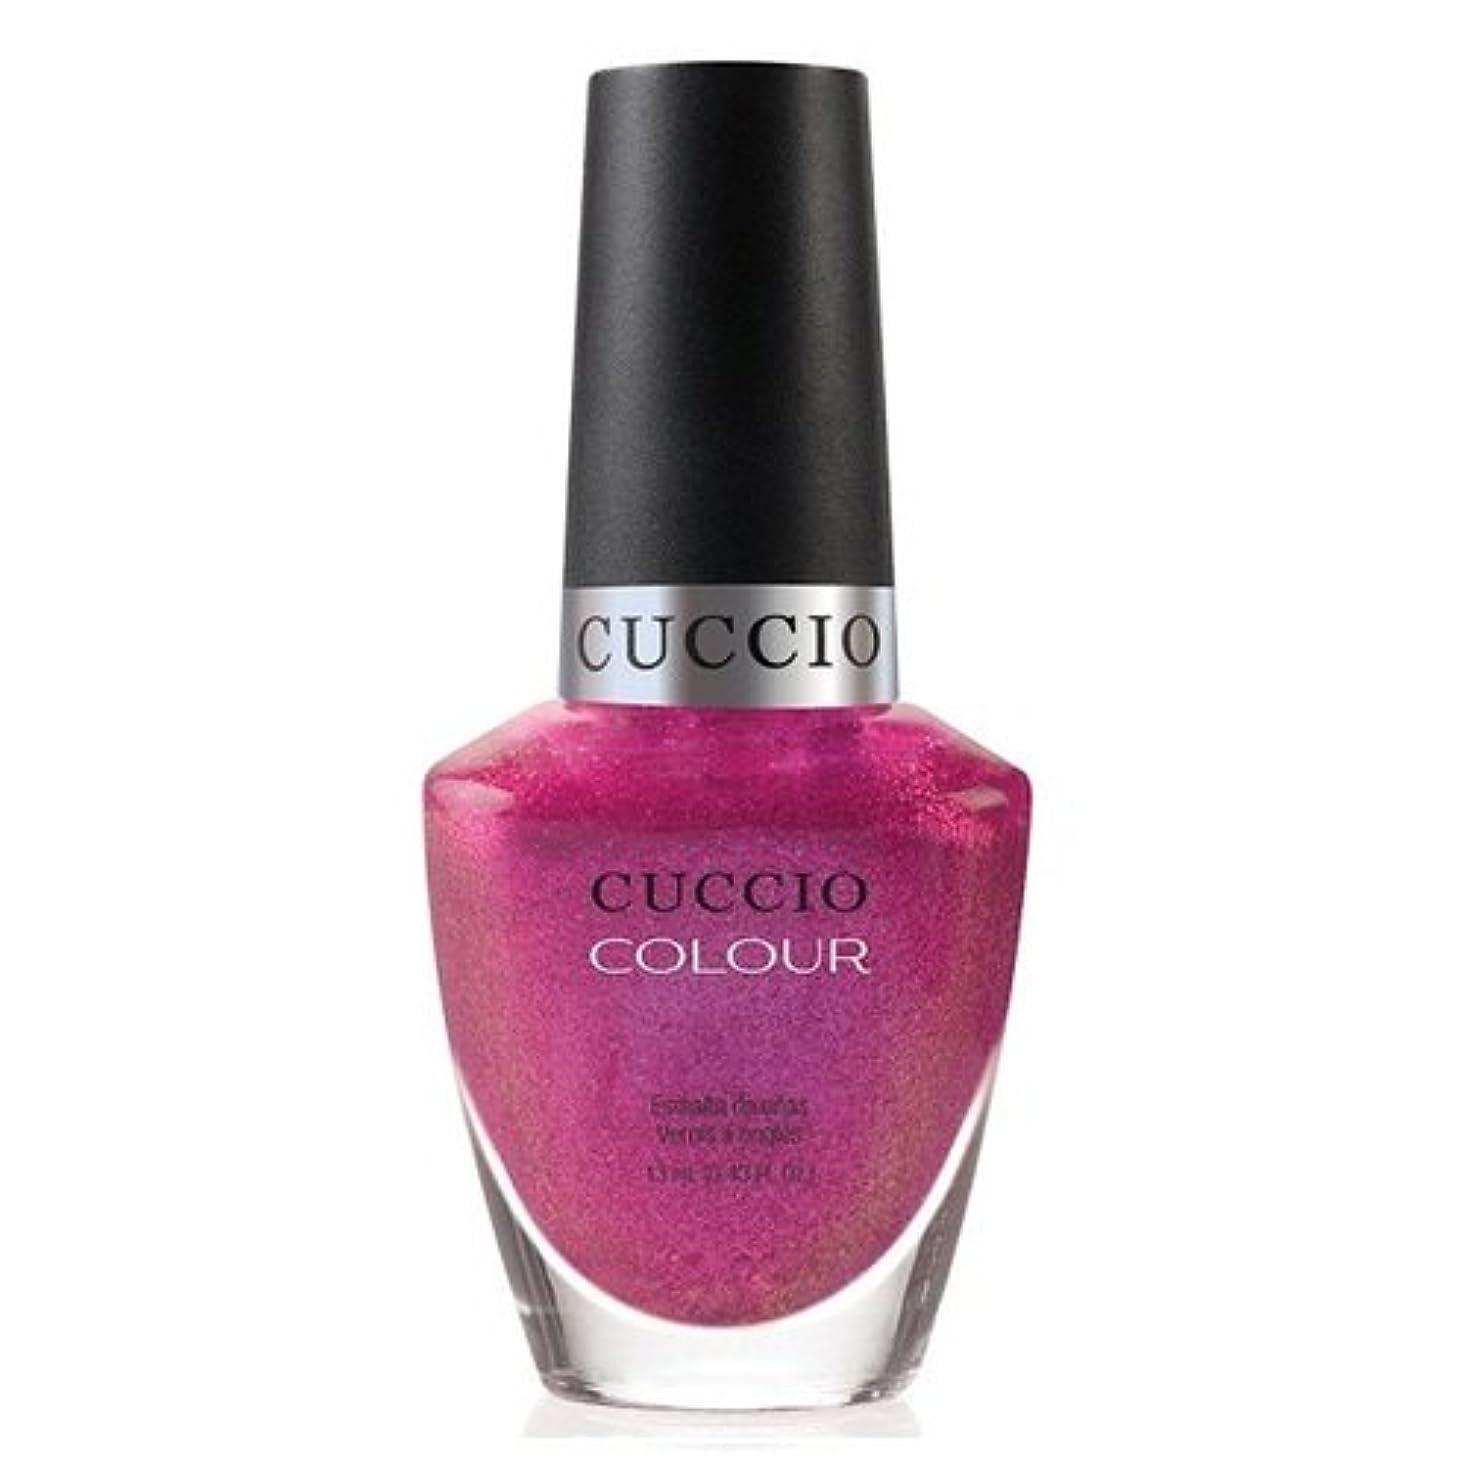 歩き回る主に謝罪Cuccio Colour Gloss Lacquer - Femme Fatale - 0.43oz/13ml